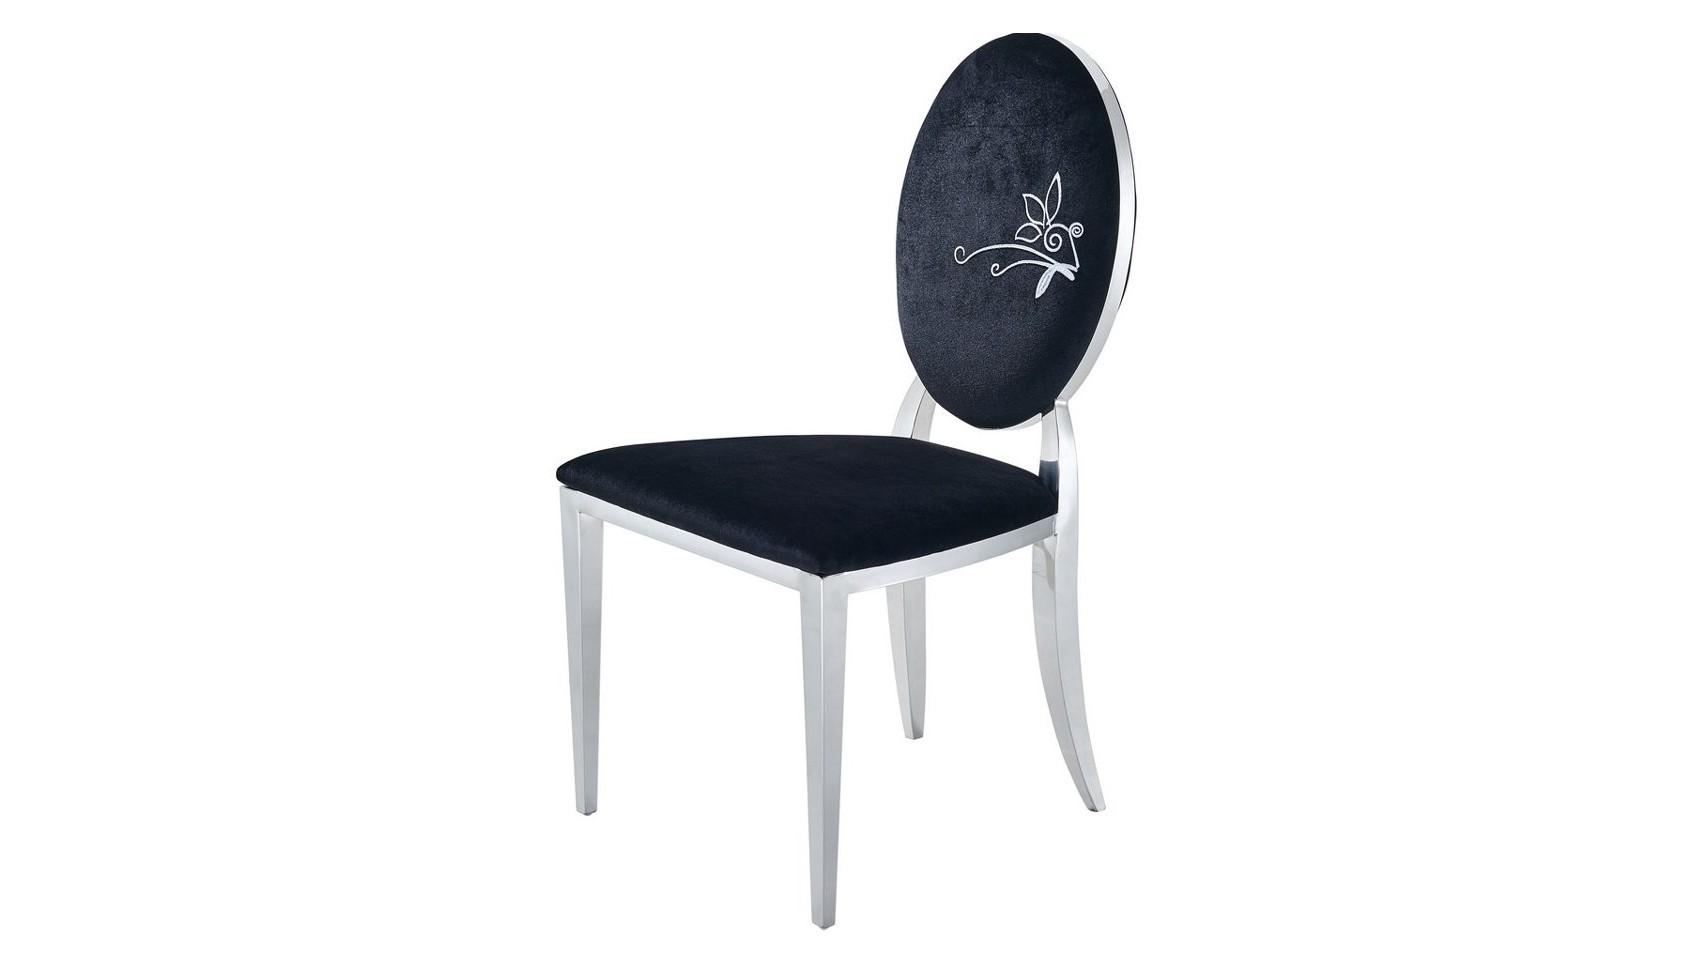 Стул Y110Обеденные стулья<br>Материал: Ткань, хром<br><br>Material: Текстиль<br>Width см: 50<br>Depth см: 48<br>Height см: 93